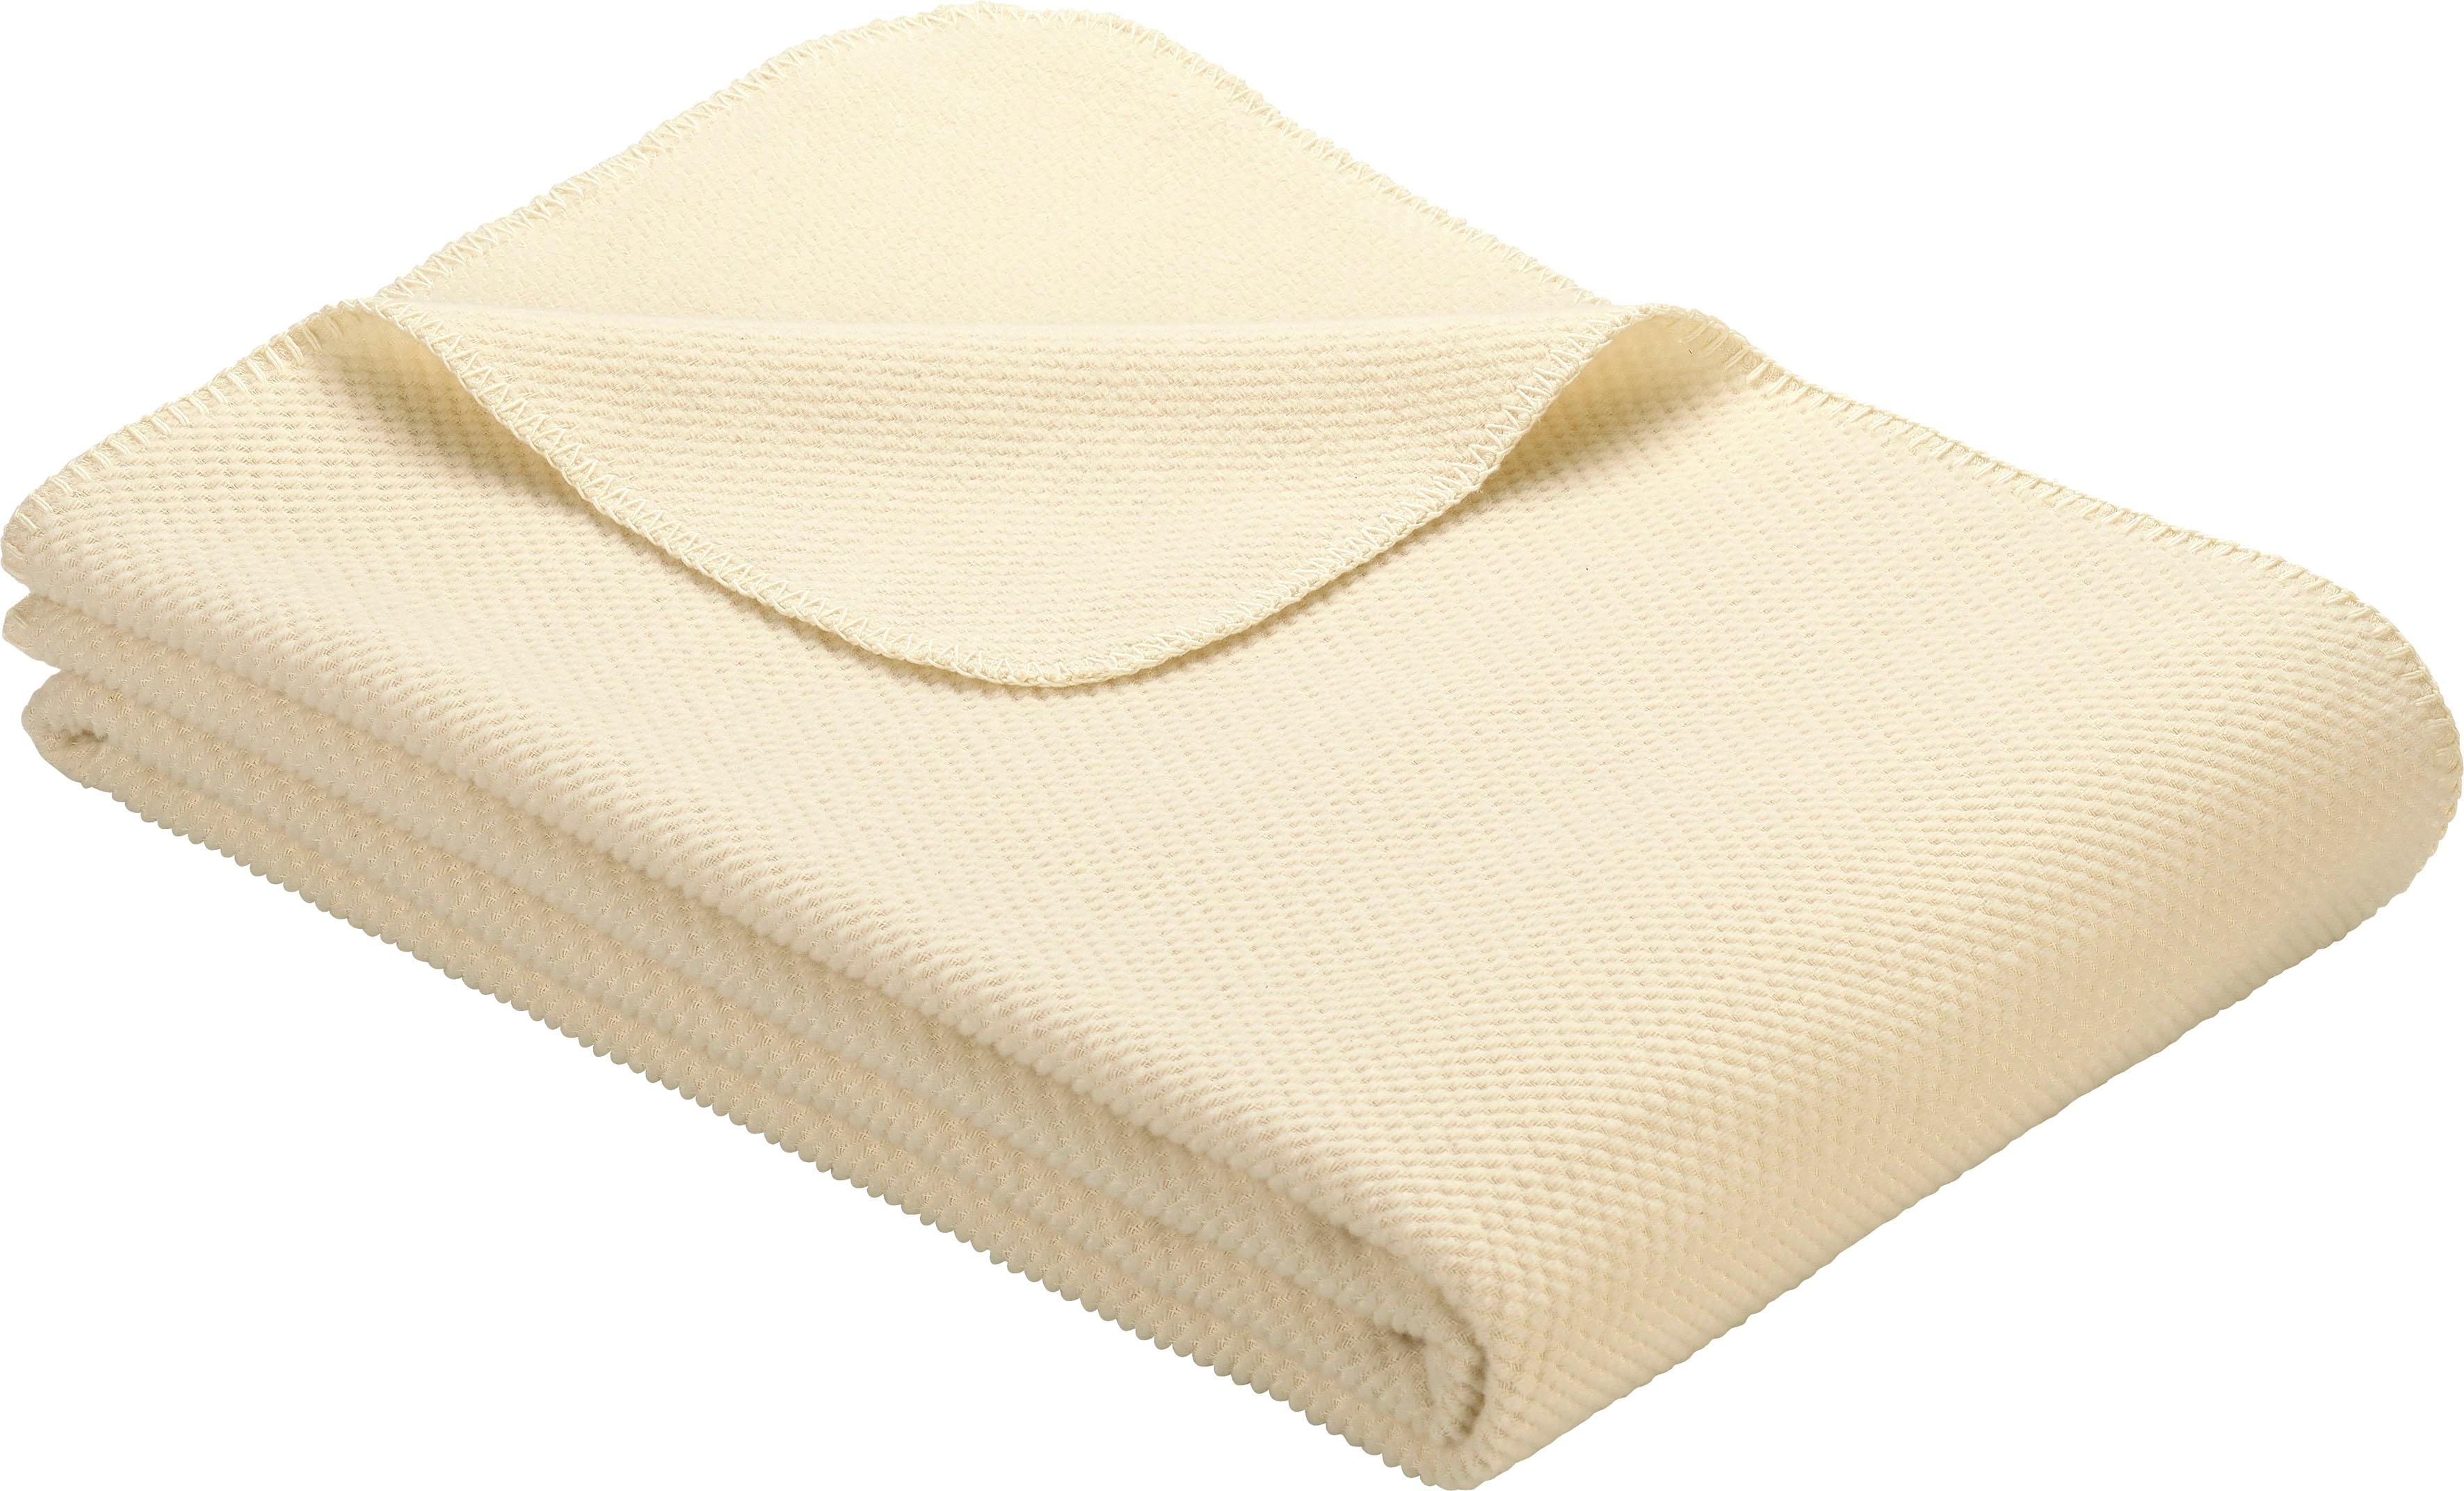 Wolldecke »Jacquard Decke Auckland«, IBENA günstig online kaufen